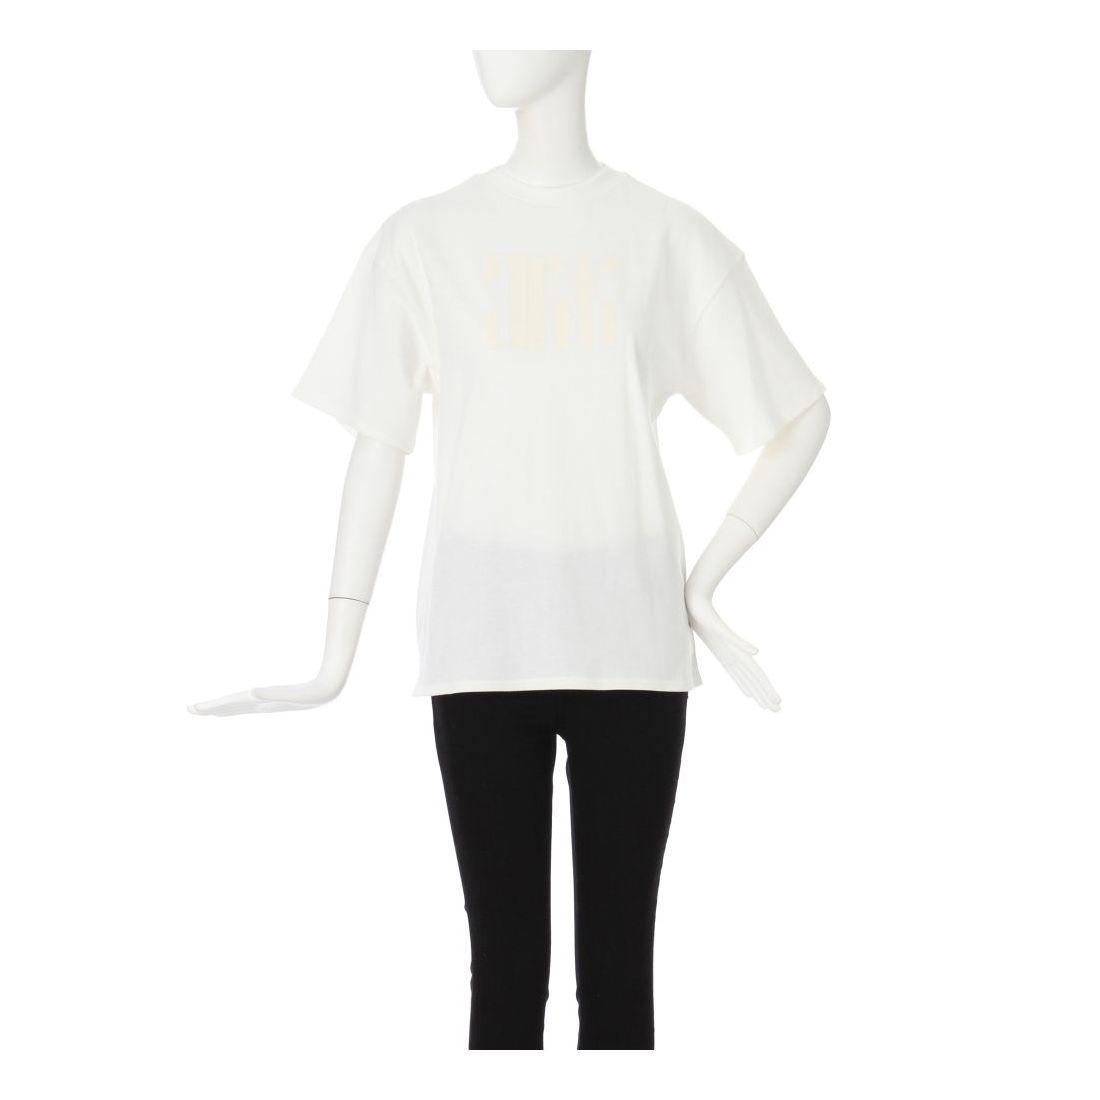 MURUADIXTシャツ(ホワイト)